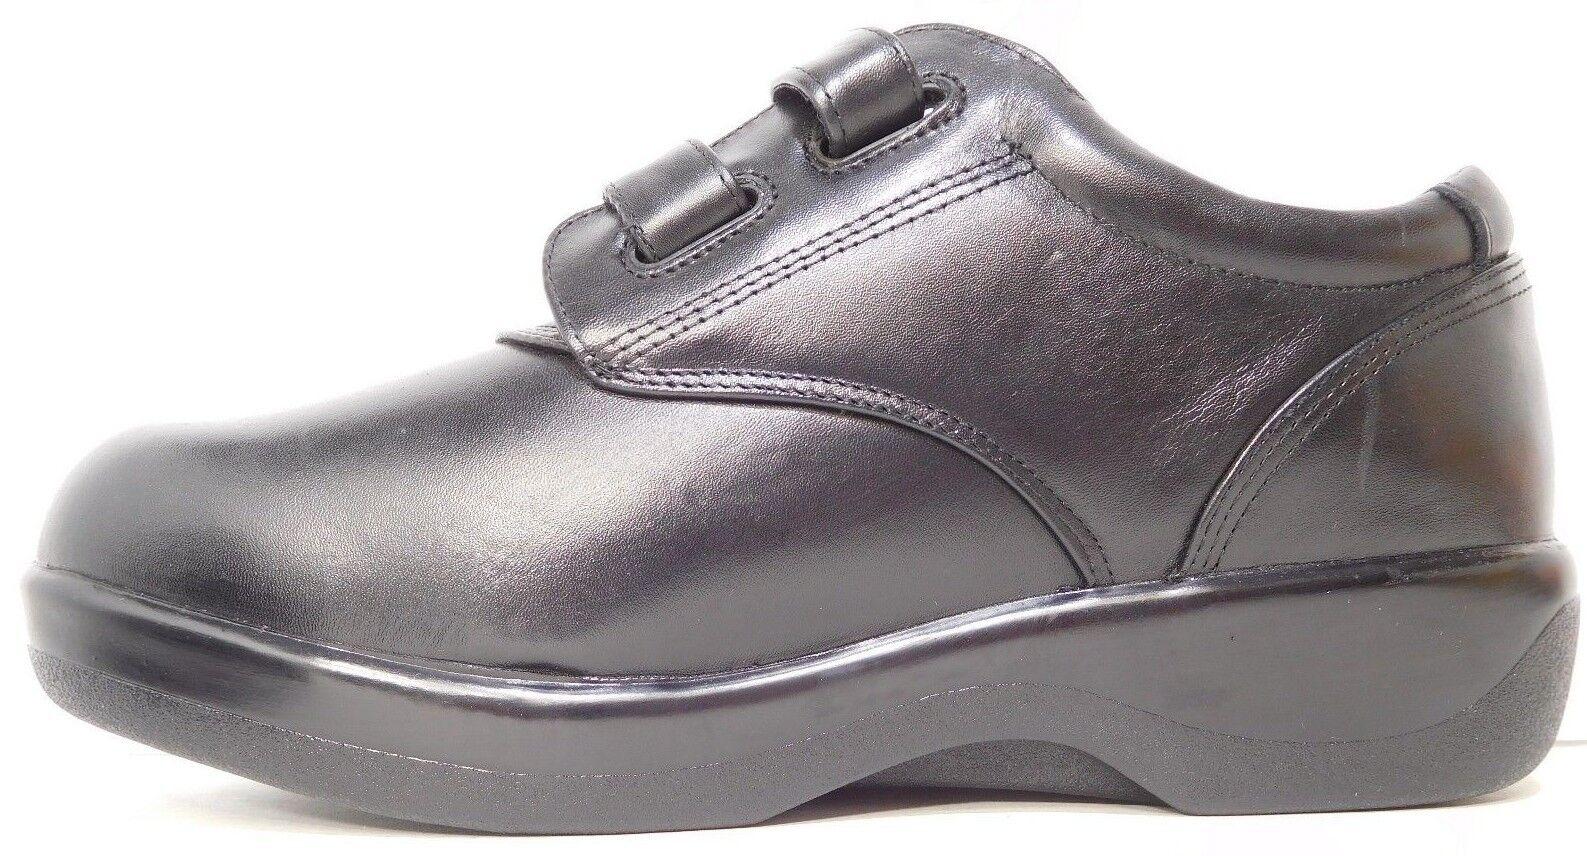 Apex Ambulator 12018 mujer zapato terapéutico diabéticos extra profundidad profundidad extra X-ancho 11 negro 79a2a1